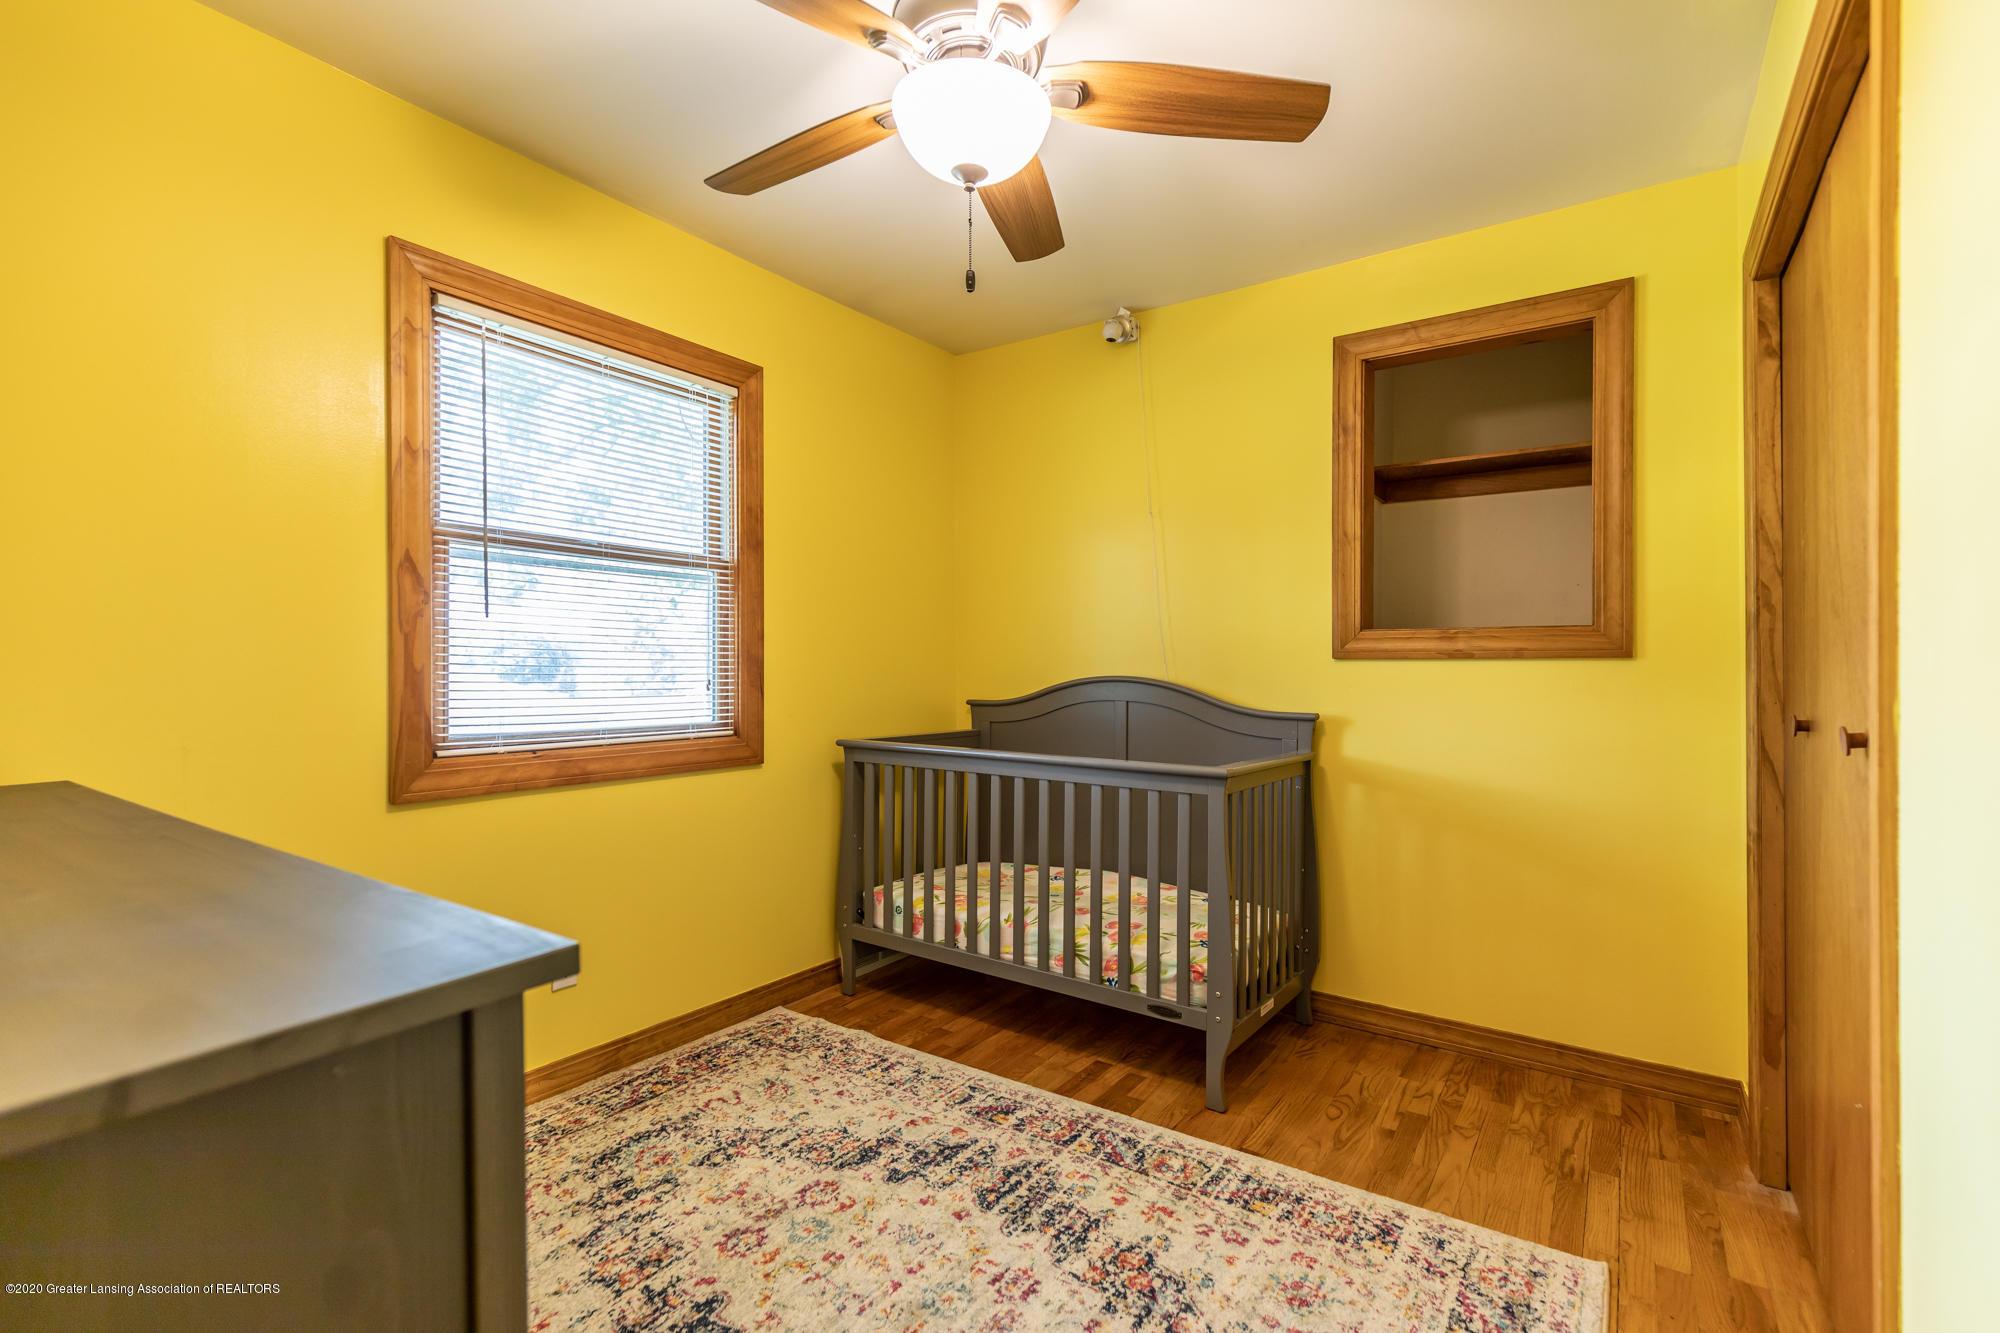 205 W Herbison Rd - Bedroom #3 - 20